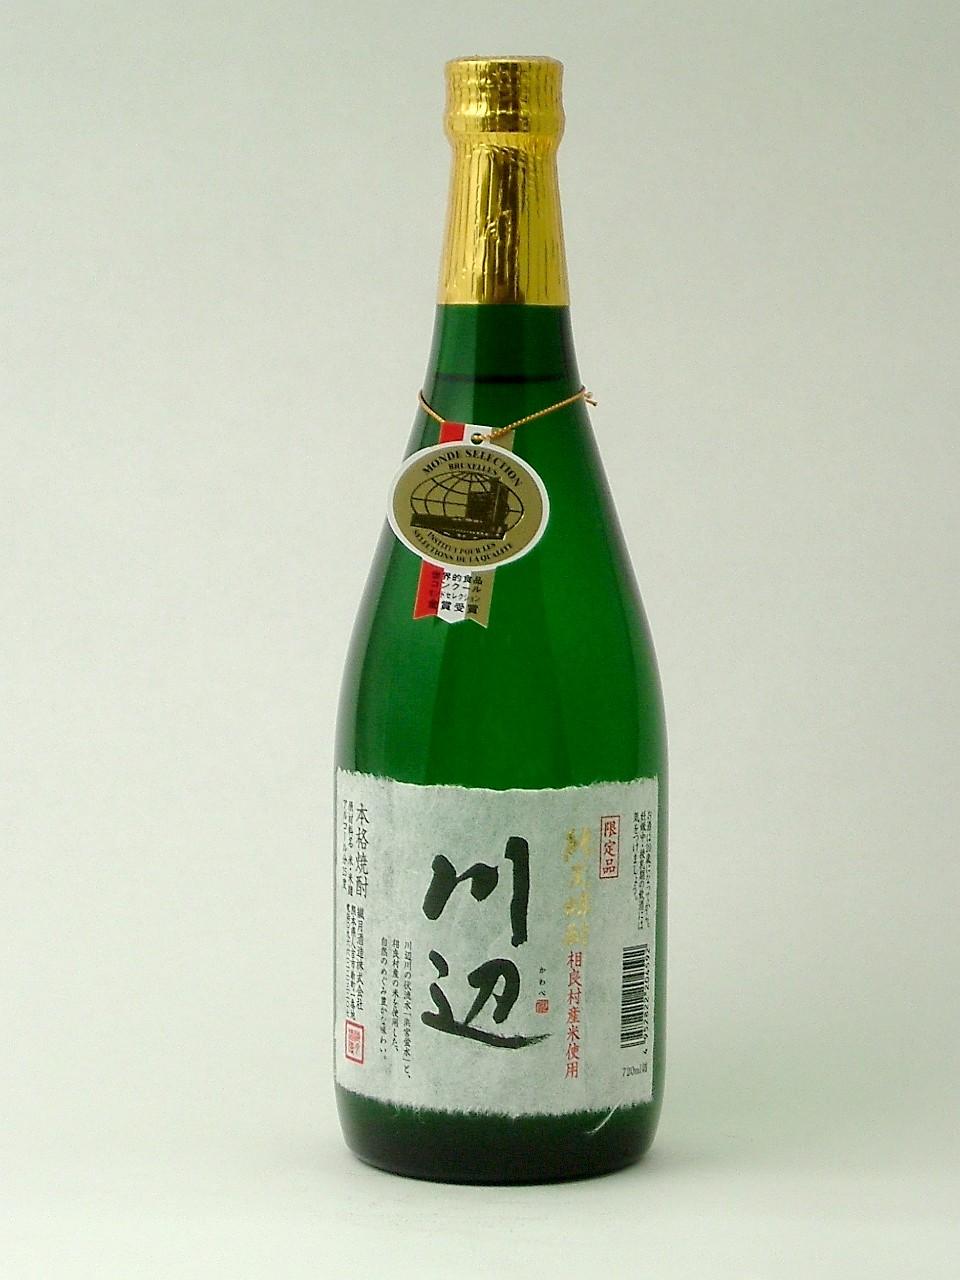 球磨焼酎 川辺~かわべ~ 720ml